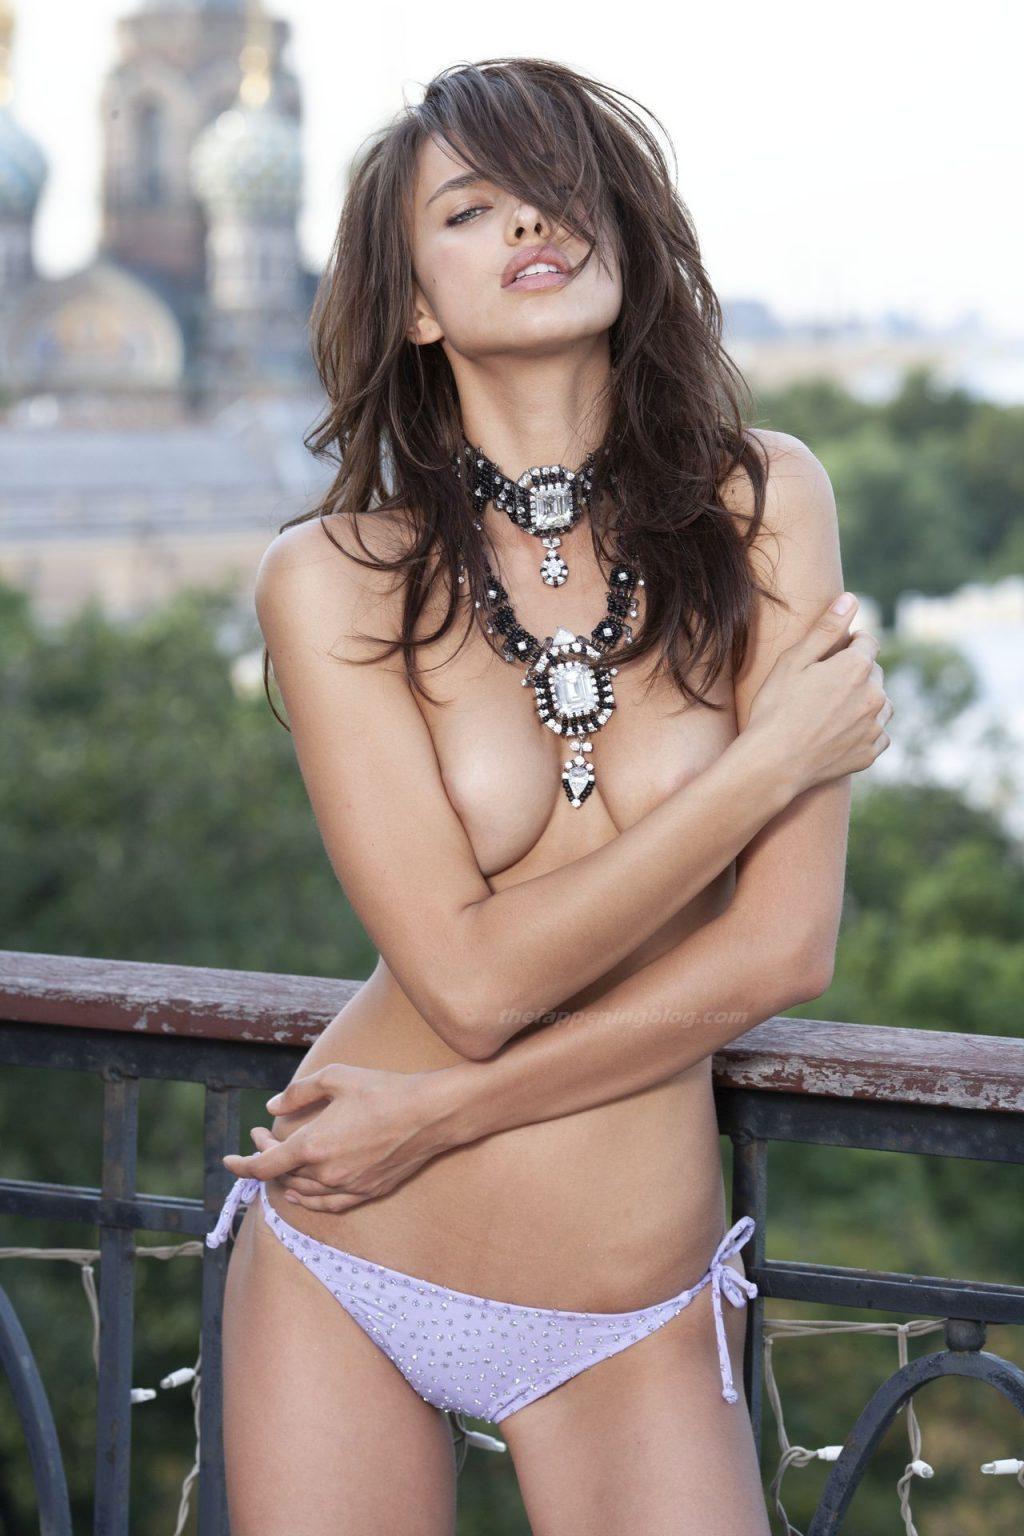 Irina Shayk Nude Leaked (4 Photos)